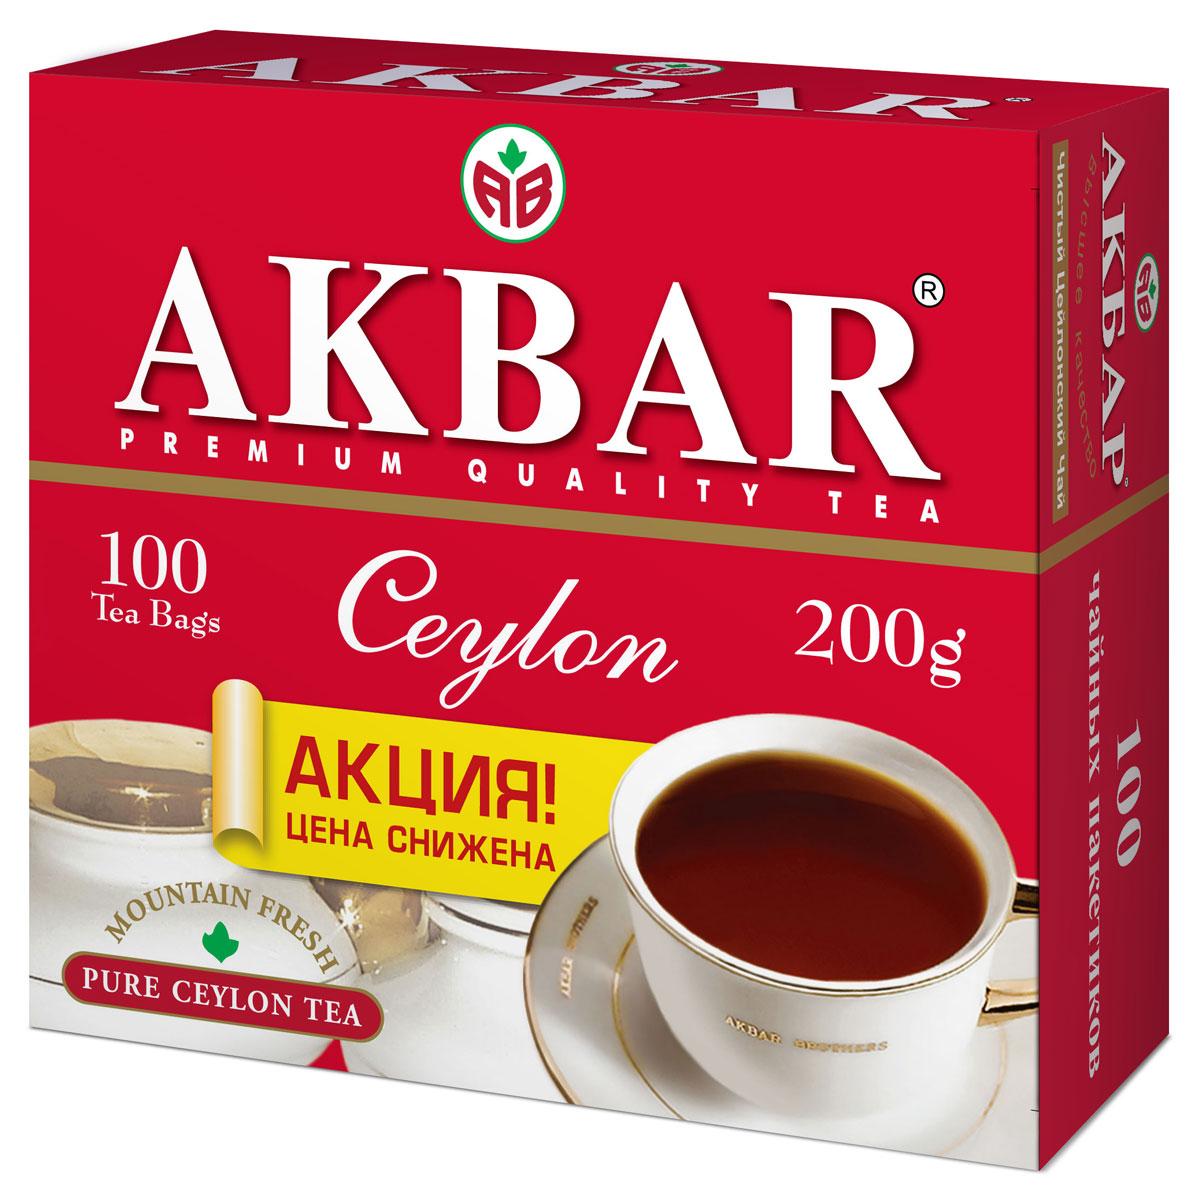 Akbar Ceylon чай черный в пакетиках, 100 шт1050050Черный цейлонский чай AKBAR Ceylon обладает великолепным устойчивым вкусом и классическим чайным ароматом. Он отличается неизменно высоким качеством как самого чая, так и его эксклюзивной упаковки, позволяющей продукту долго сохранять в первозданном виде его ценные природные качества. AKBAR Ceylon - один из наиболее известных сортов черного цейлонского чая, обработанный по старинному английскому рецепту. Выращенный исключительно на элитных плантациях Шри-Ланки AKBAR Ceylon объединяет в себе все лучшее, чем славится настоящий цейлонский чай: богатый аромат, тонизирующий вкус, насыщенный цвет настоя, неповторимая свежесть.